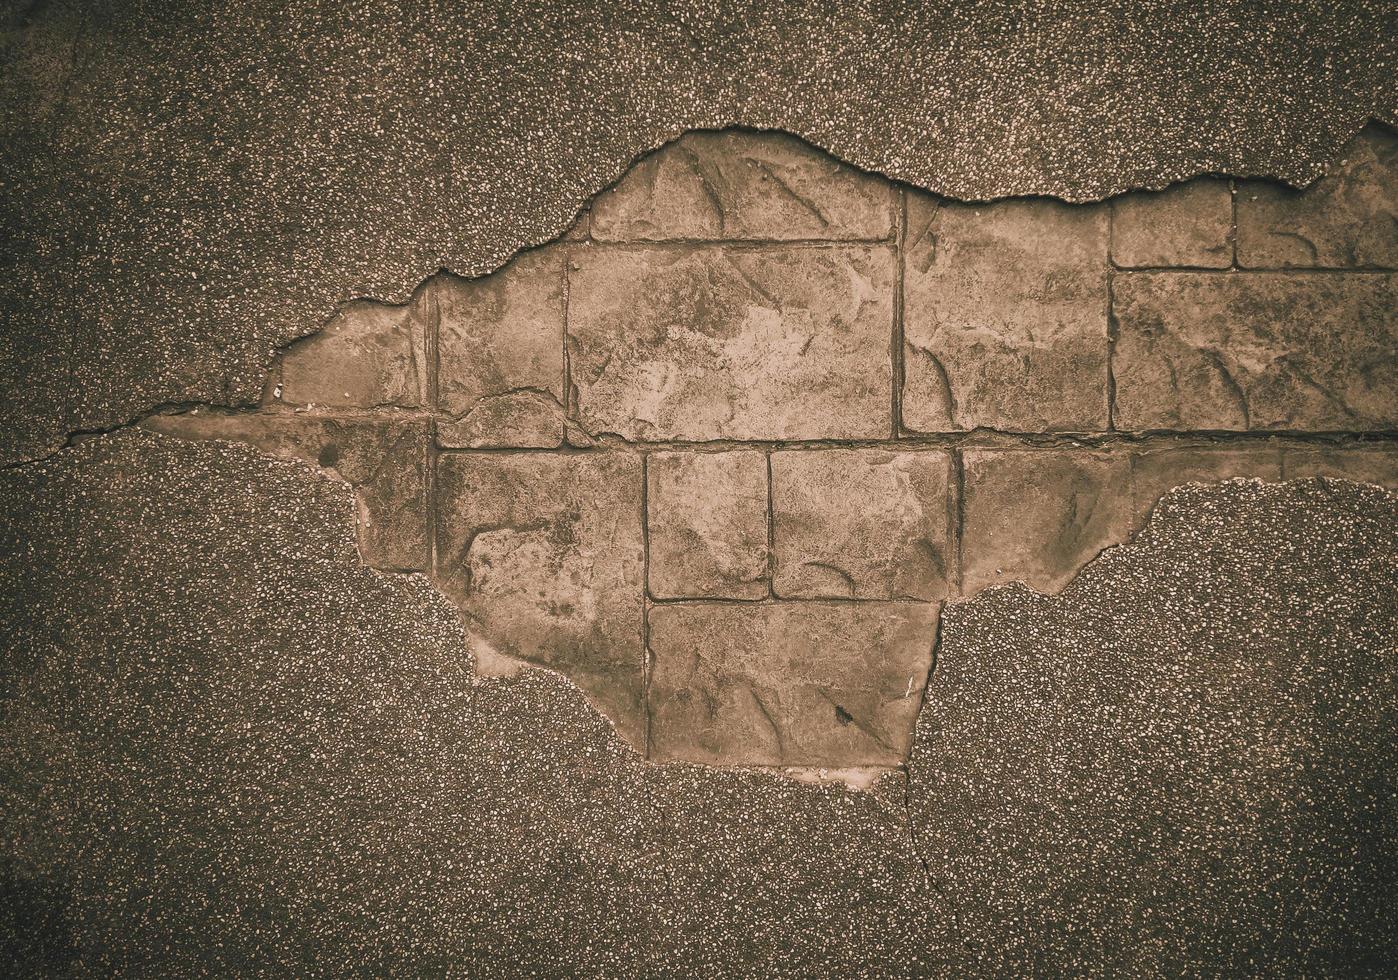 grande crepa nel vecchio muro di cemento disordinato foto